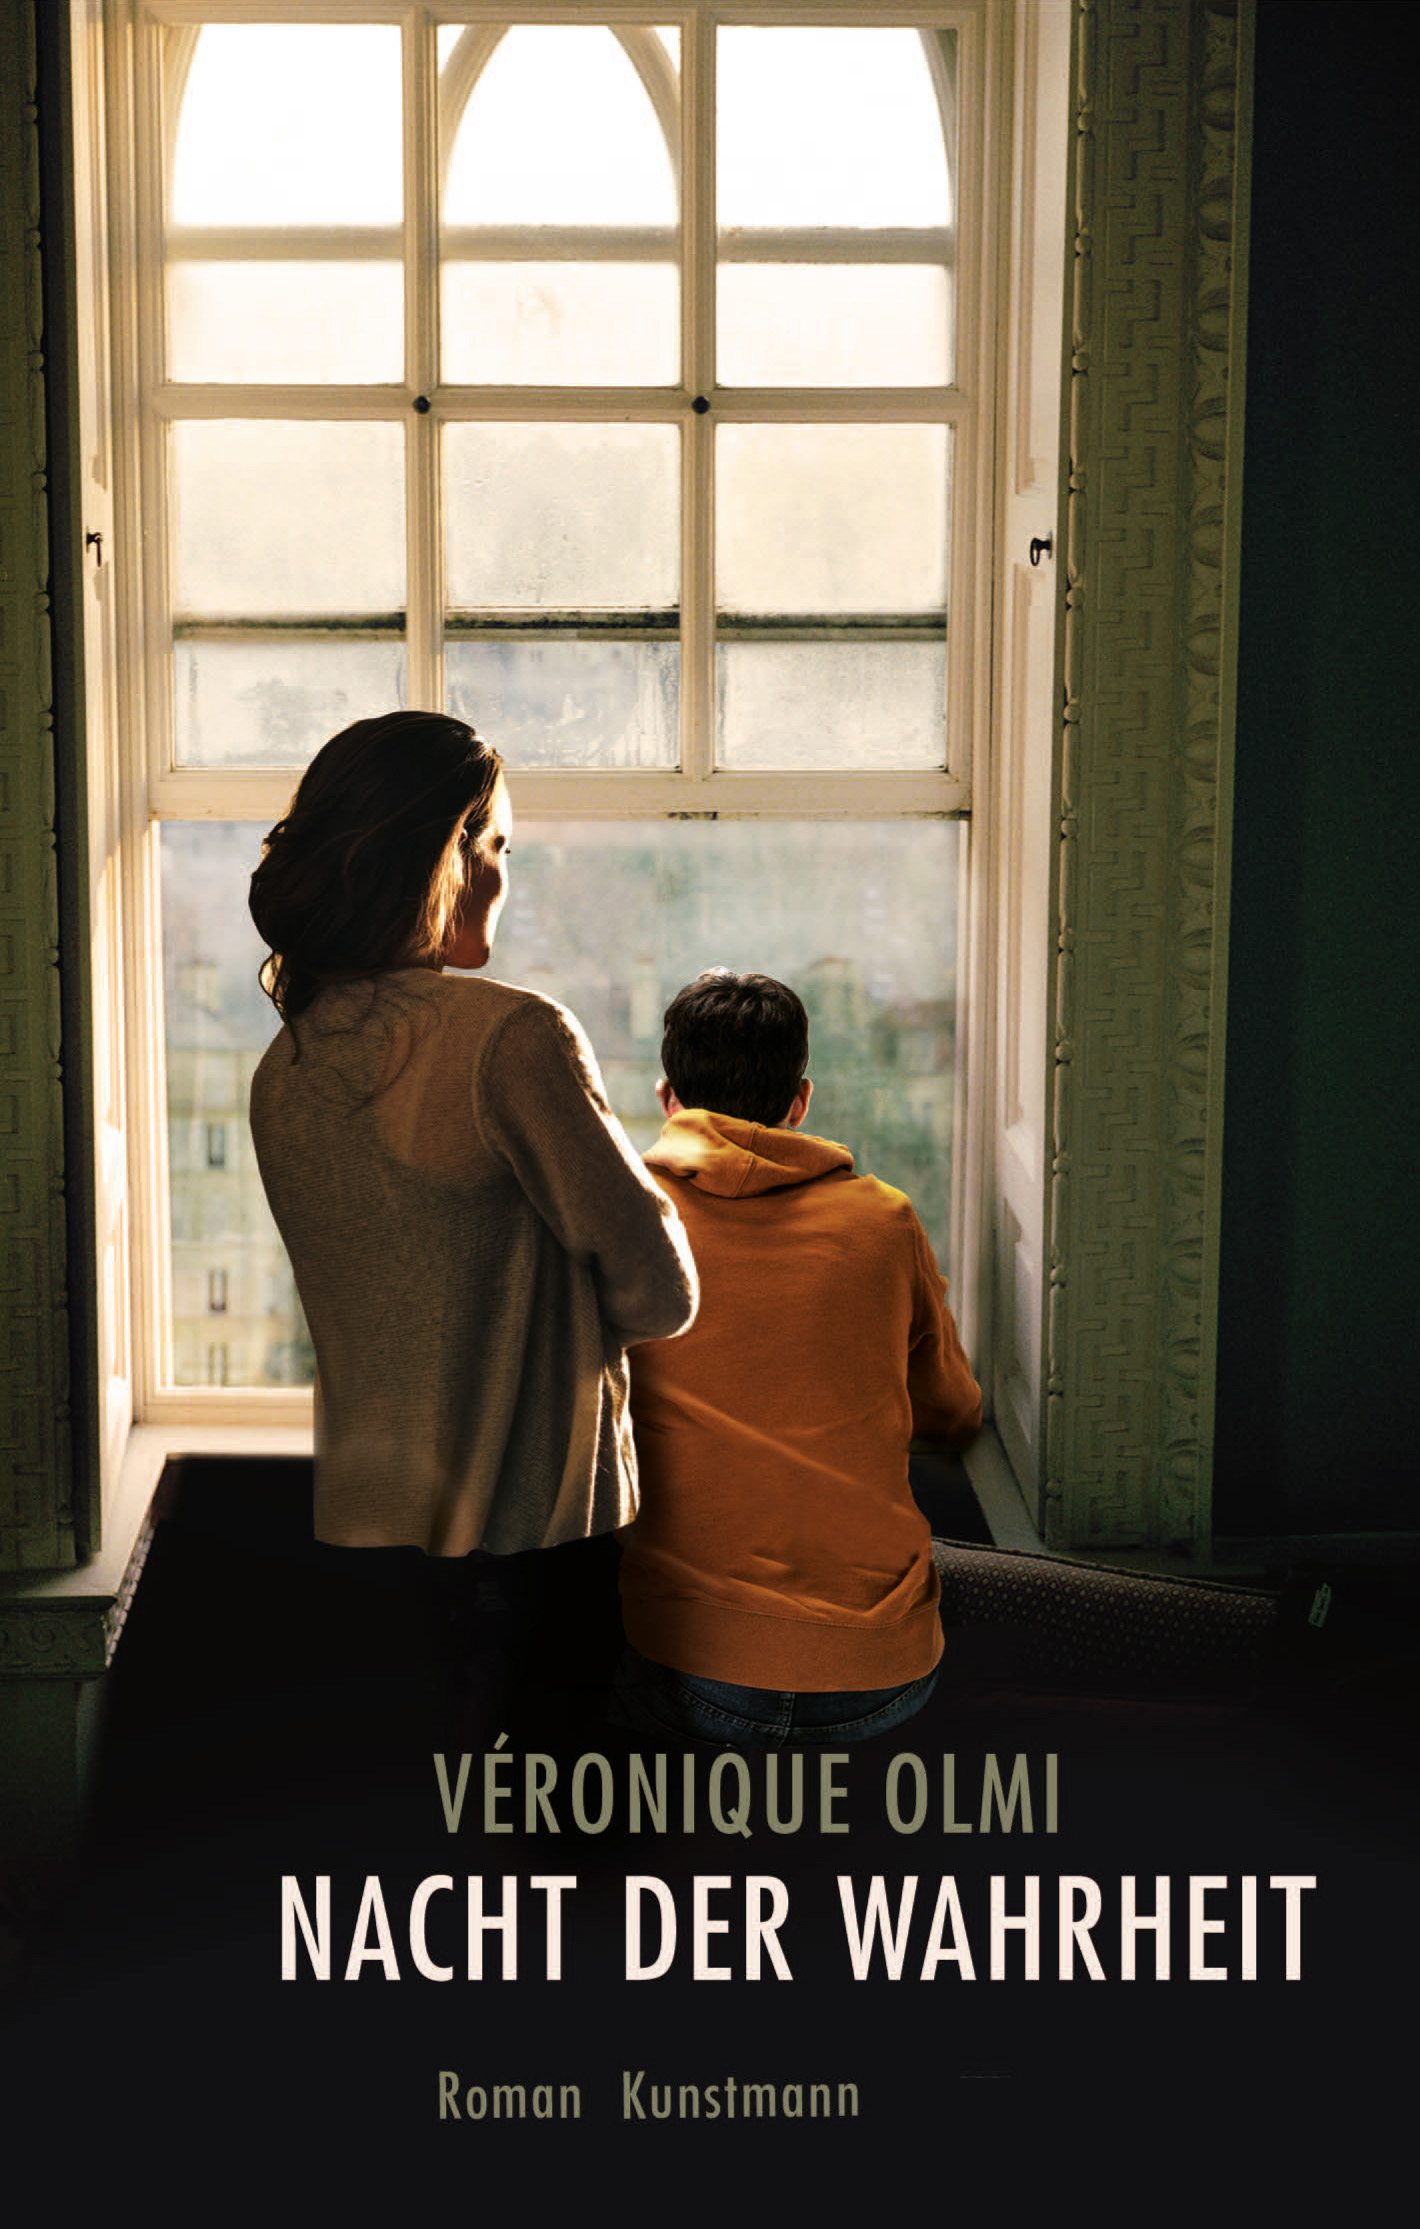 Nacht der Wahrheit - Véronique Olmi